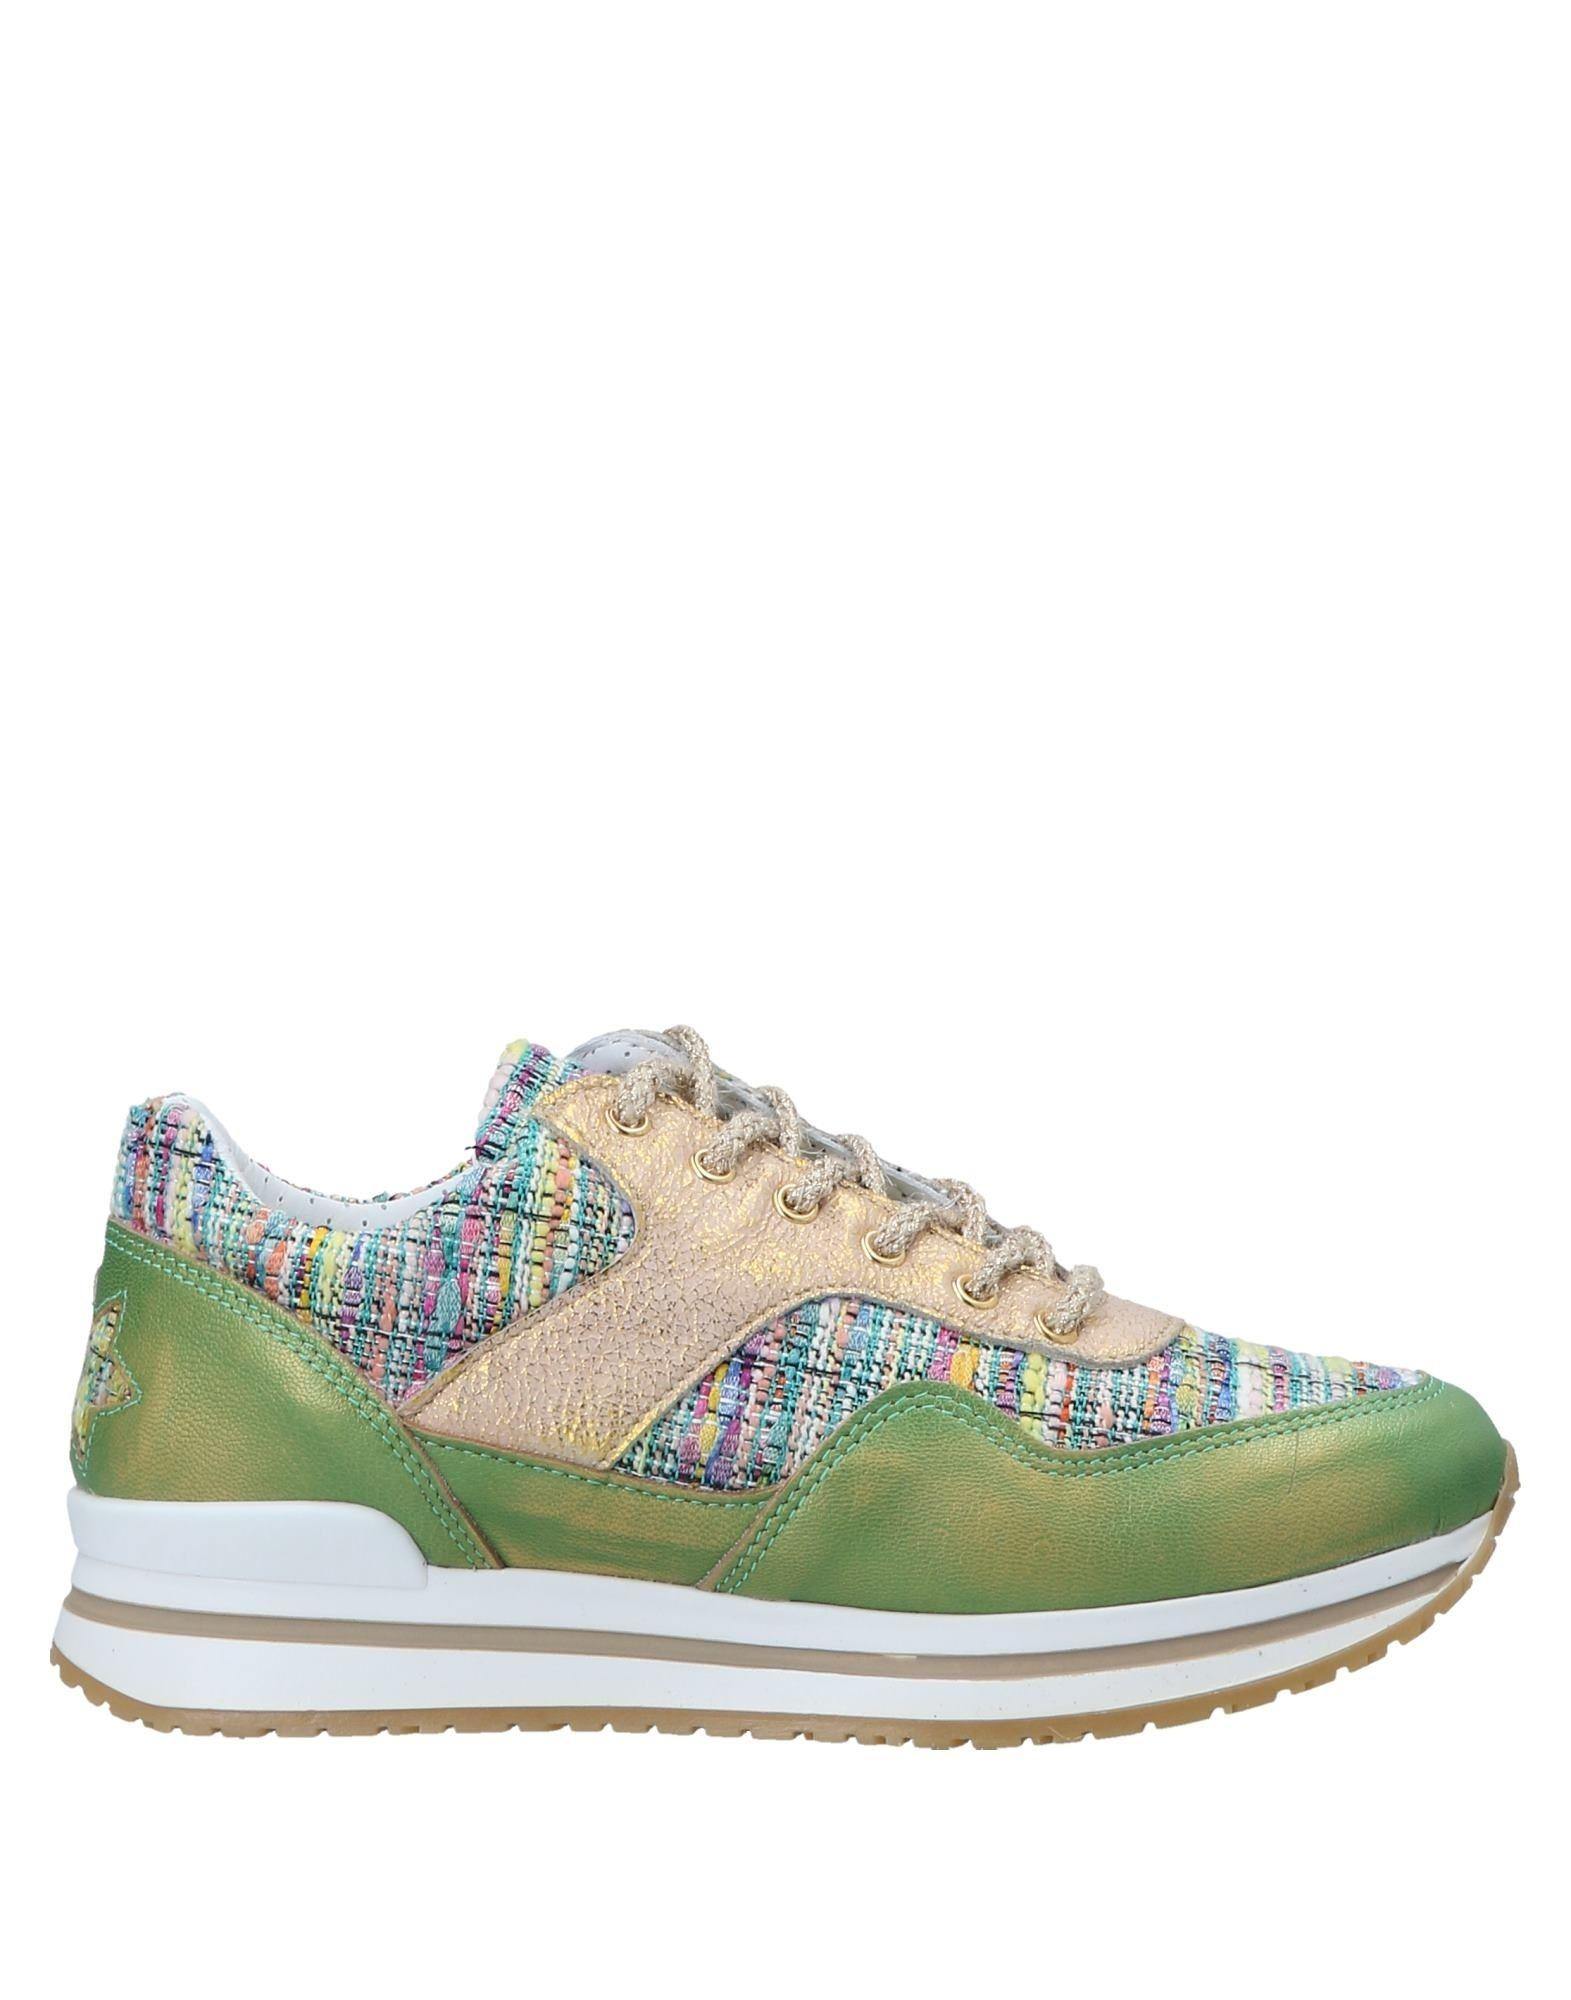 2Star Sneakers Damen  11548908TT Gute Qualität beliebte Schuhe